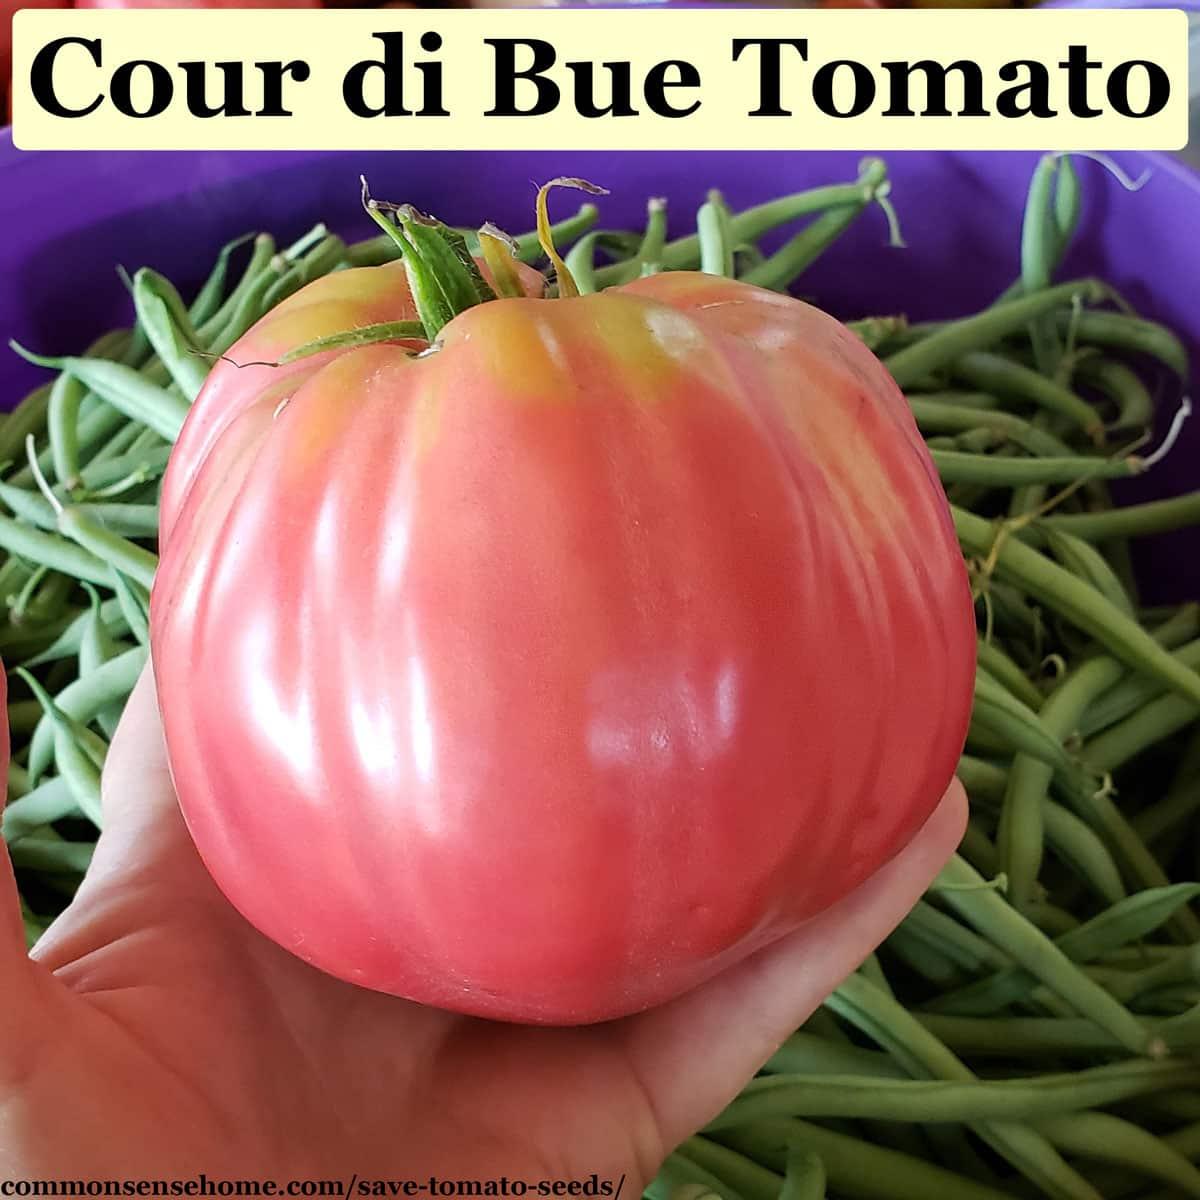 cour di bue tomato